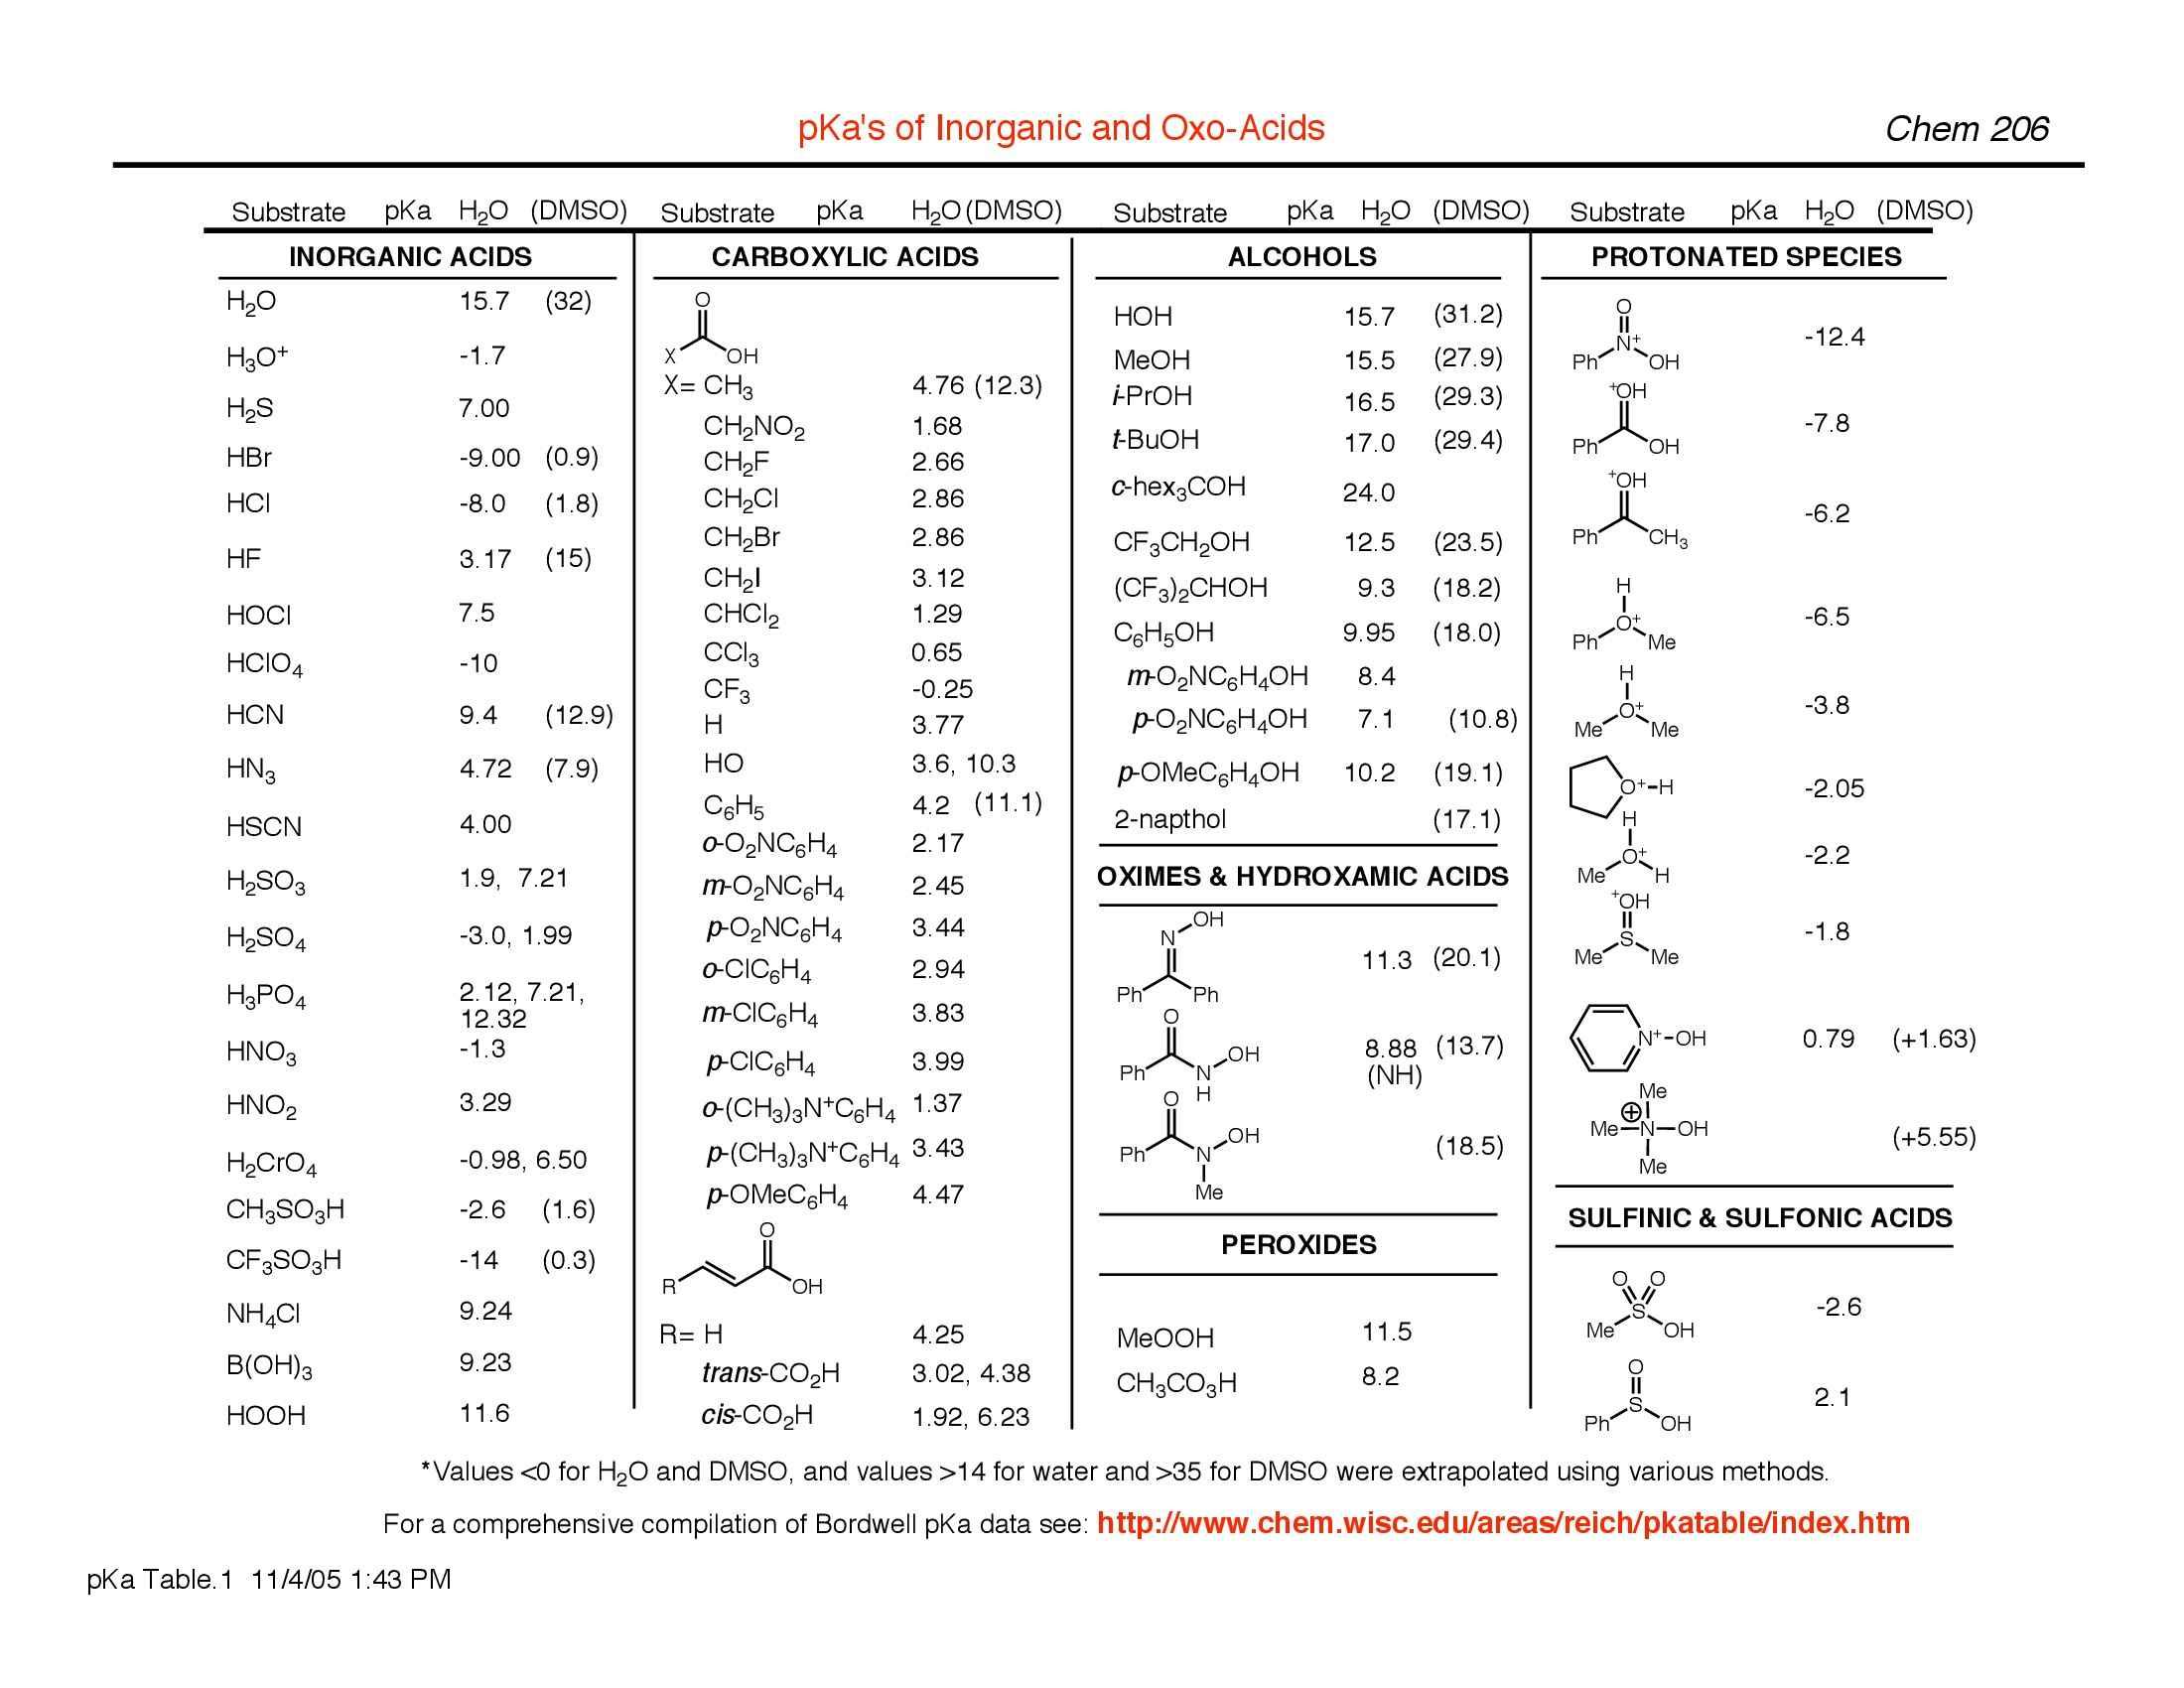 Chimica organica - Appunti